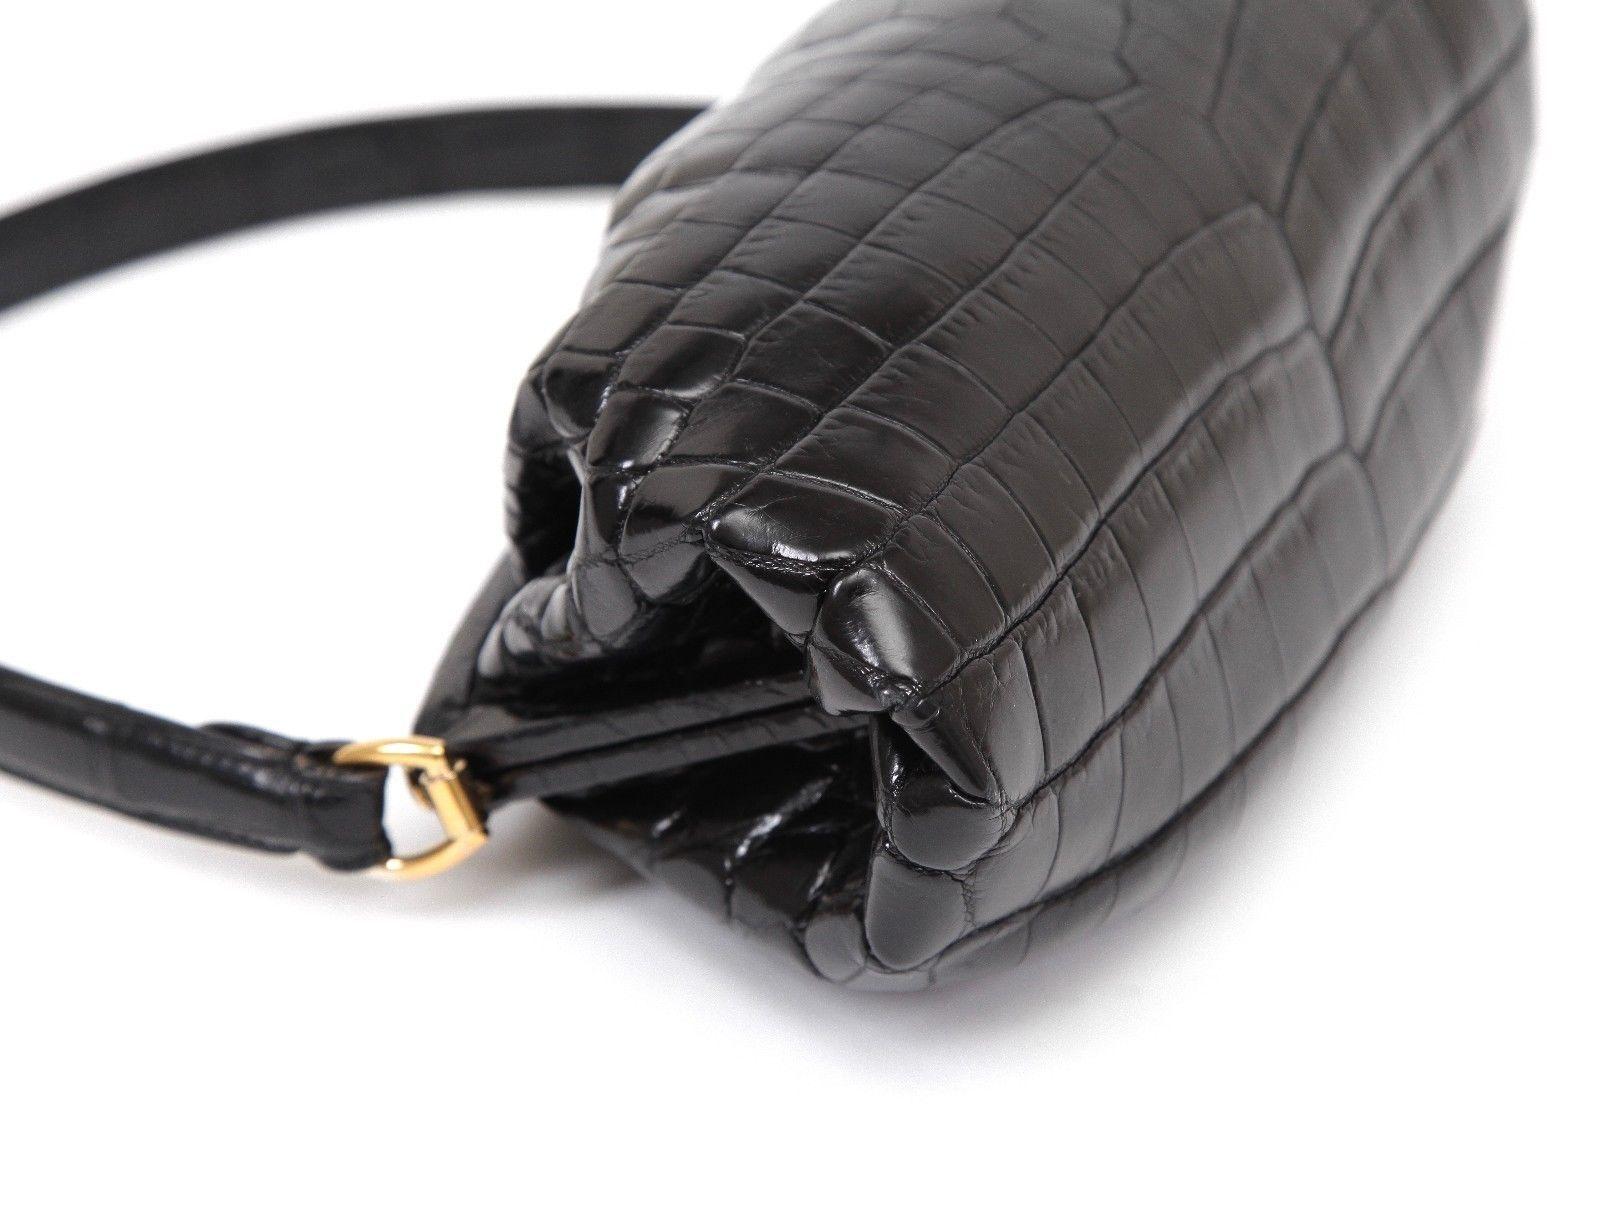 RALPH LAUREN COLLECTION Bag Black Alligator Pochette Leather Shoulder Red  Lining 543690c34df3a